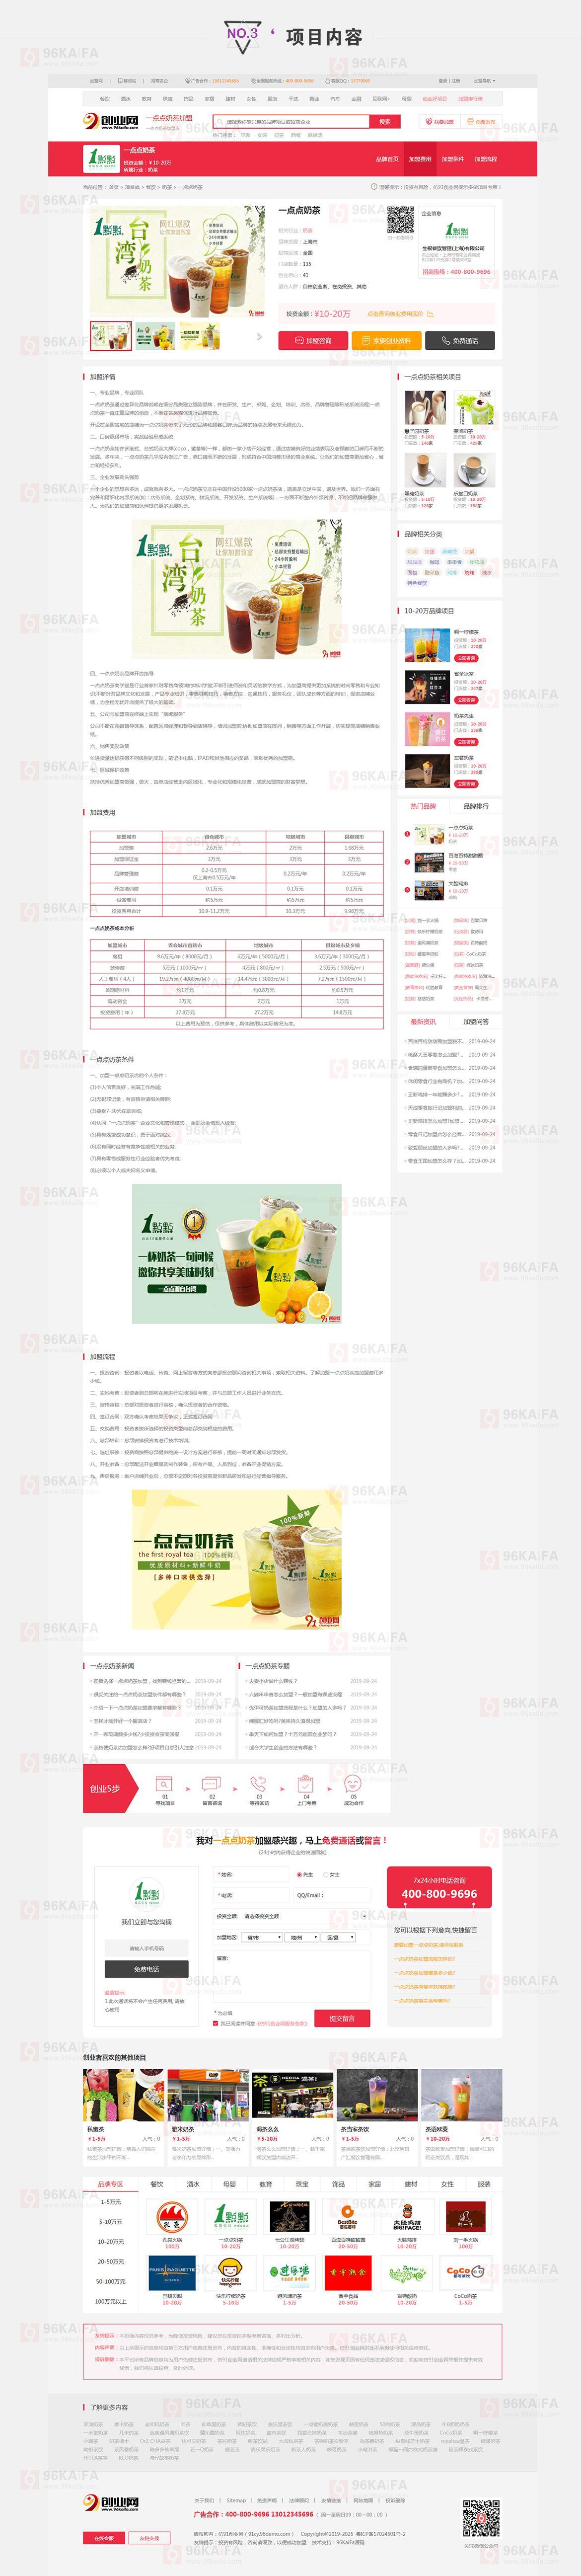 仿《91创业网》网站源码 招商加盟致富商机网站模版 品牌连锁店网站源码